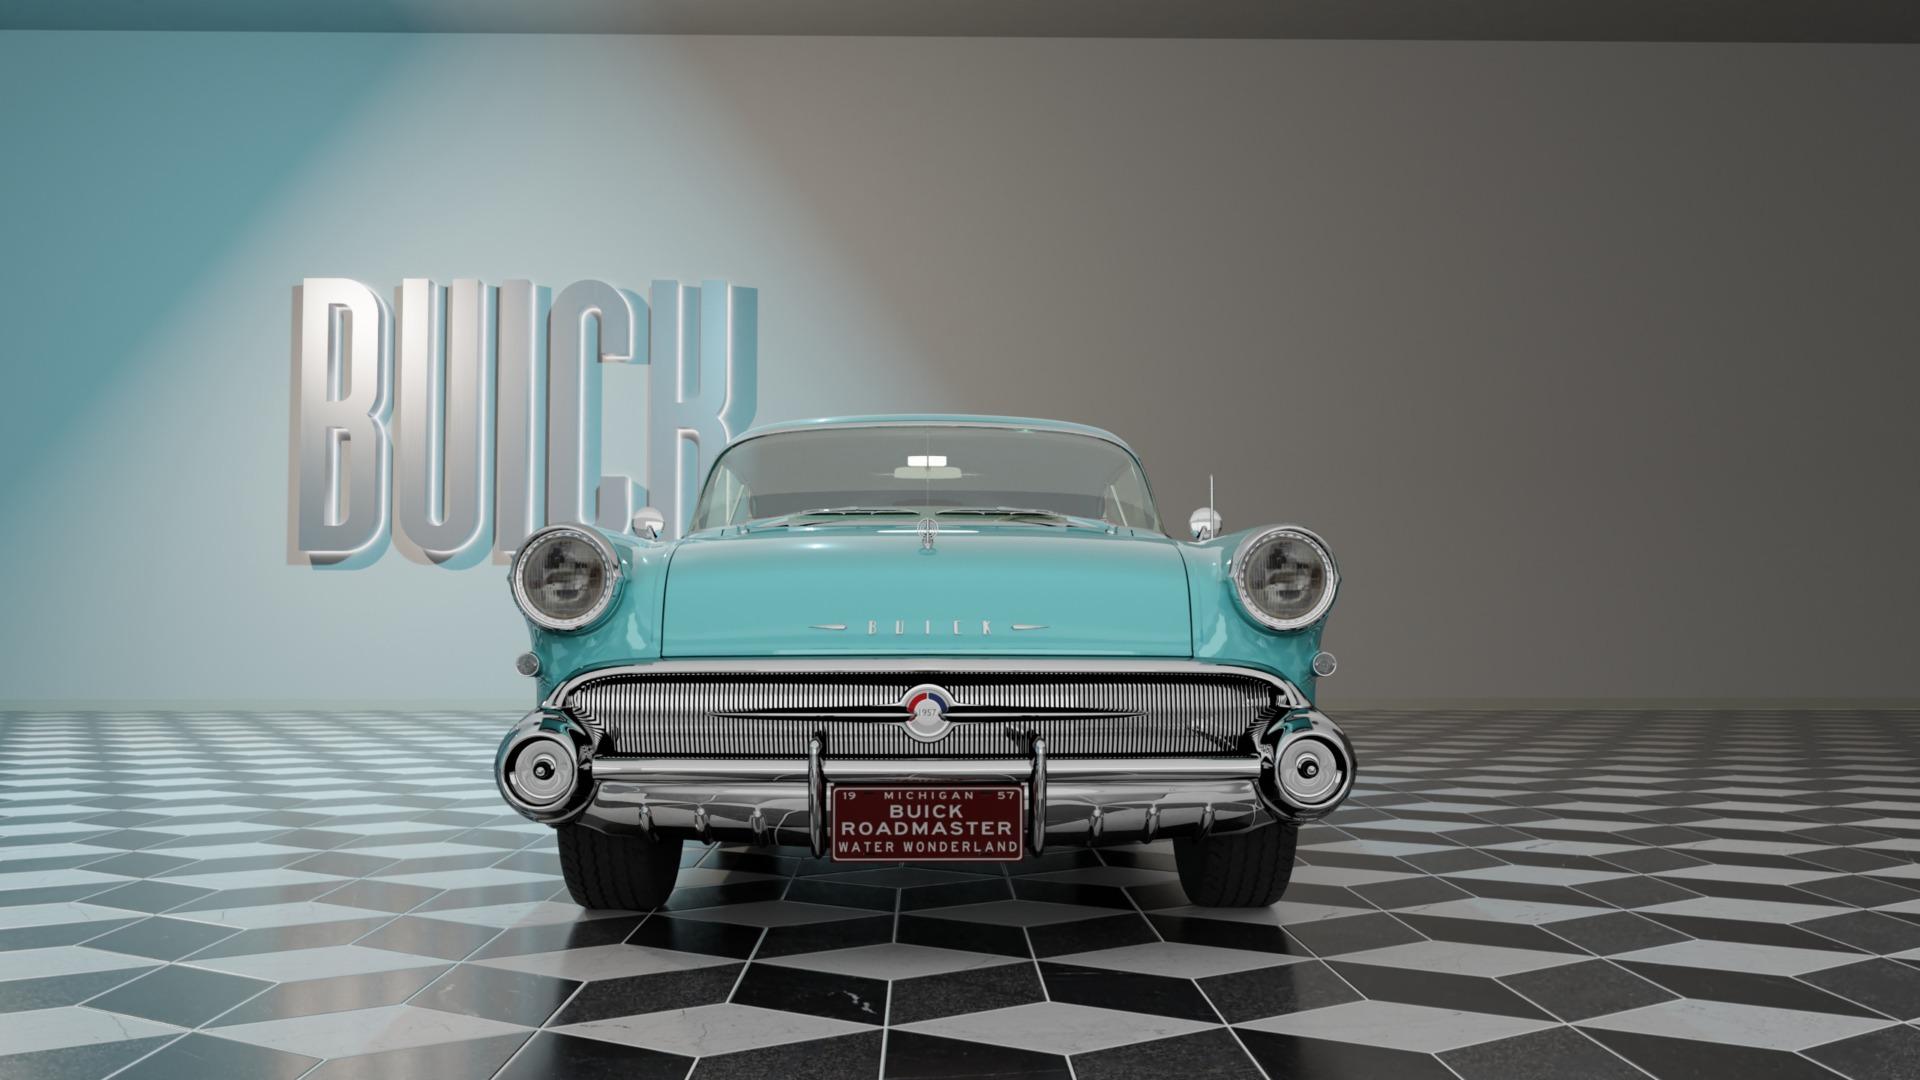 buick_render_05-2